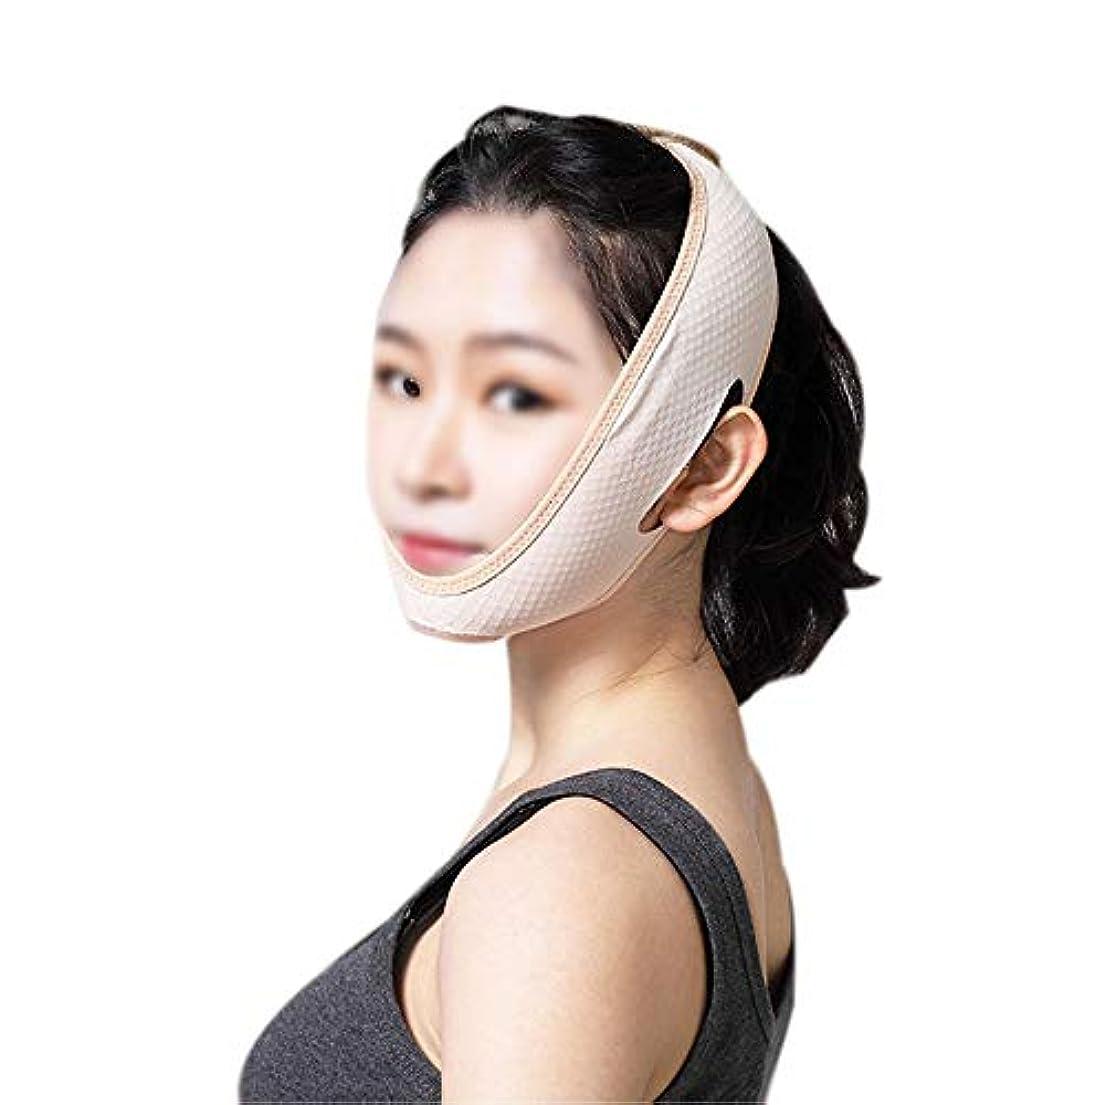 悲惨価値のない成長GLJJQMY フェイスリフティング包帯睡眠薄いフェイスマスクは肌を引き締め、二重あごのマスクを減らす 顔用整形マスク